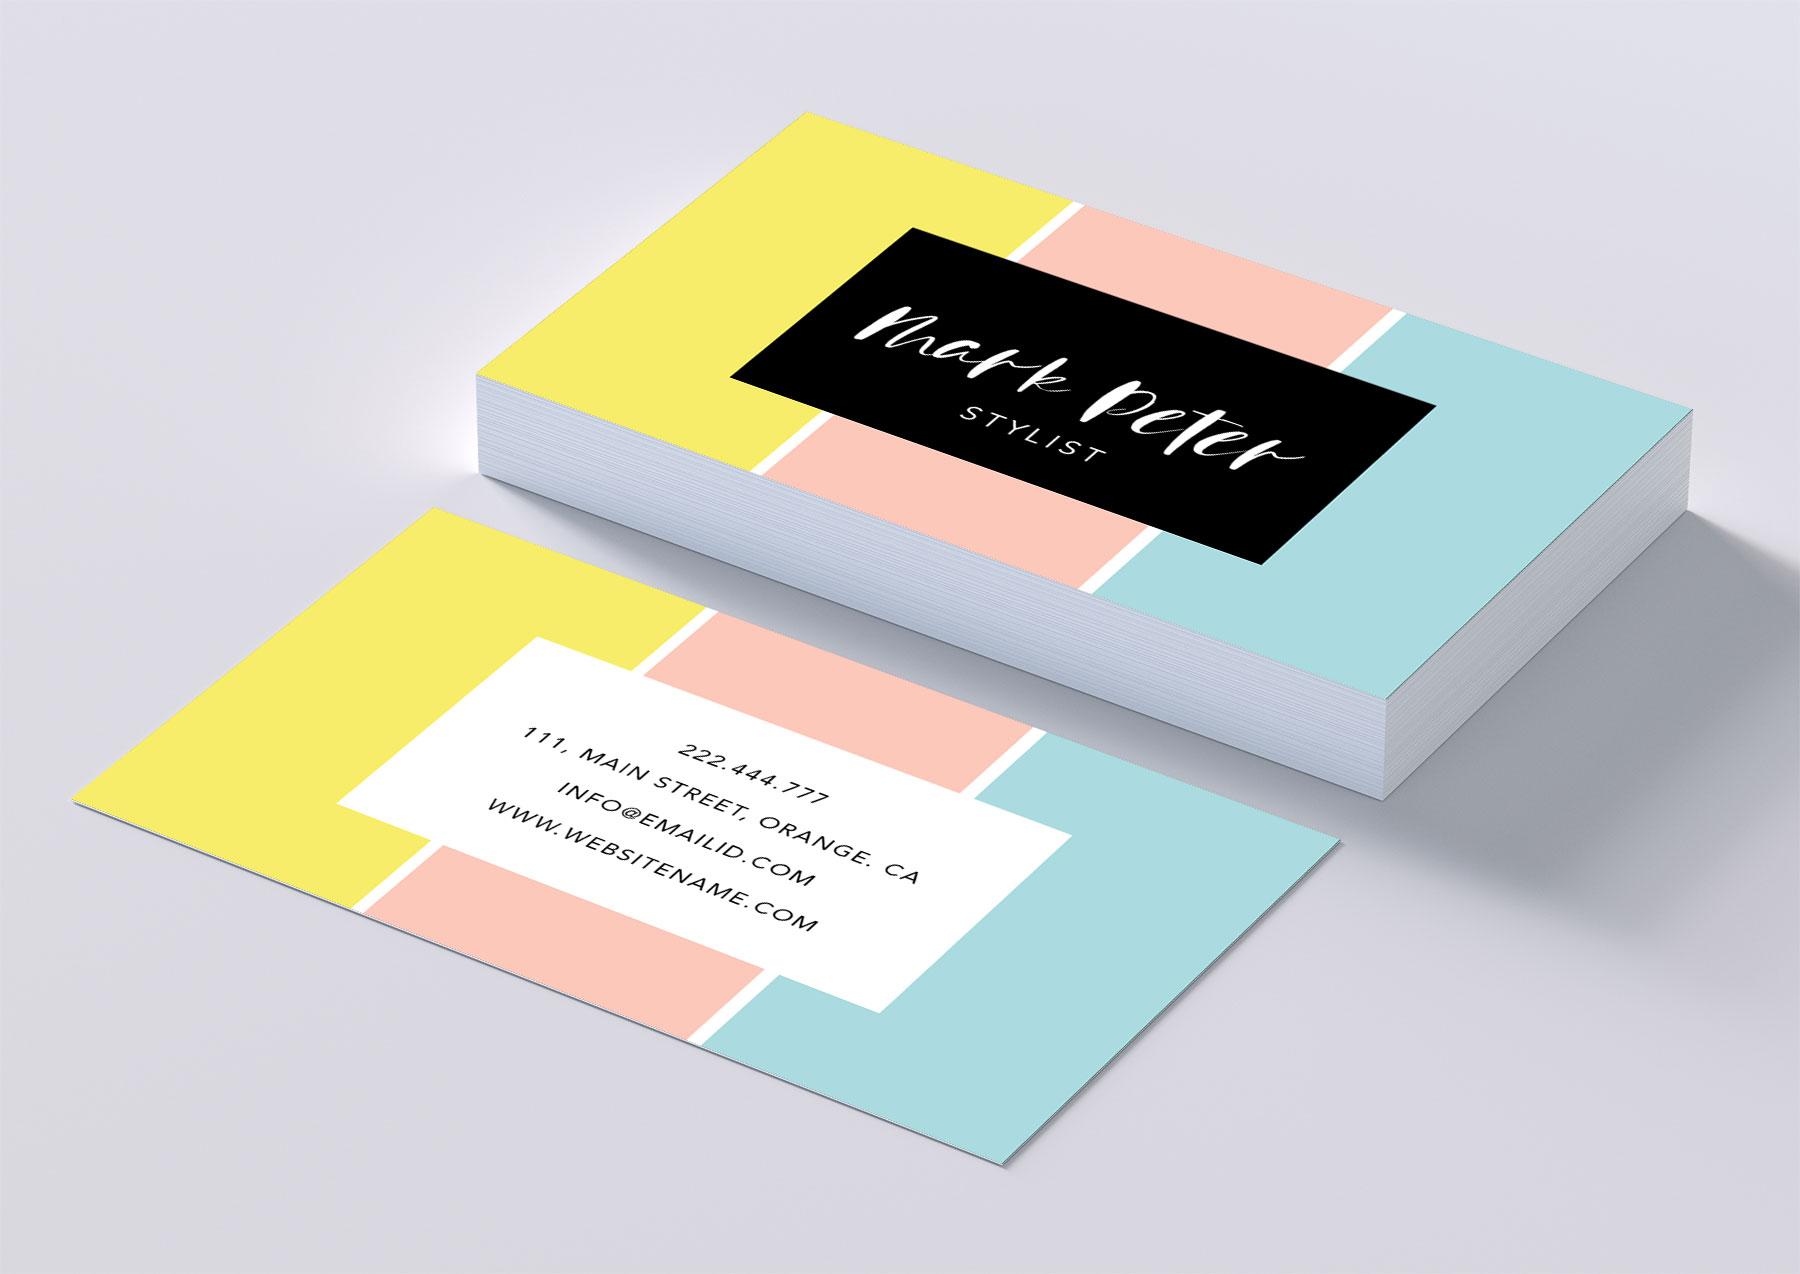 Pastel color professional business card | Design Bundles